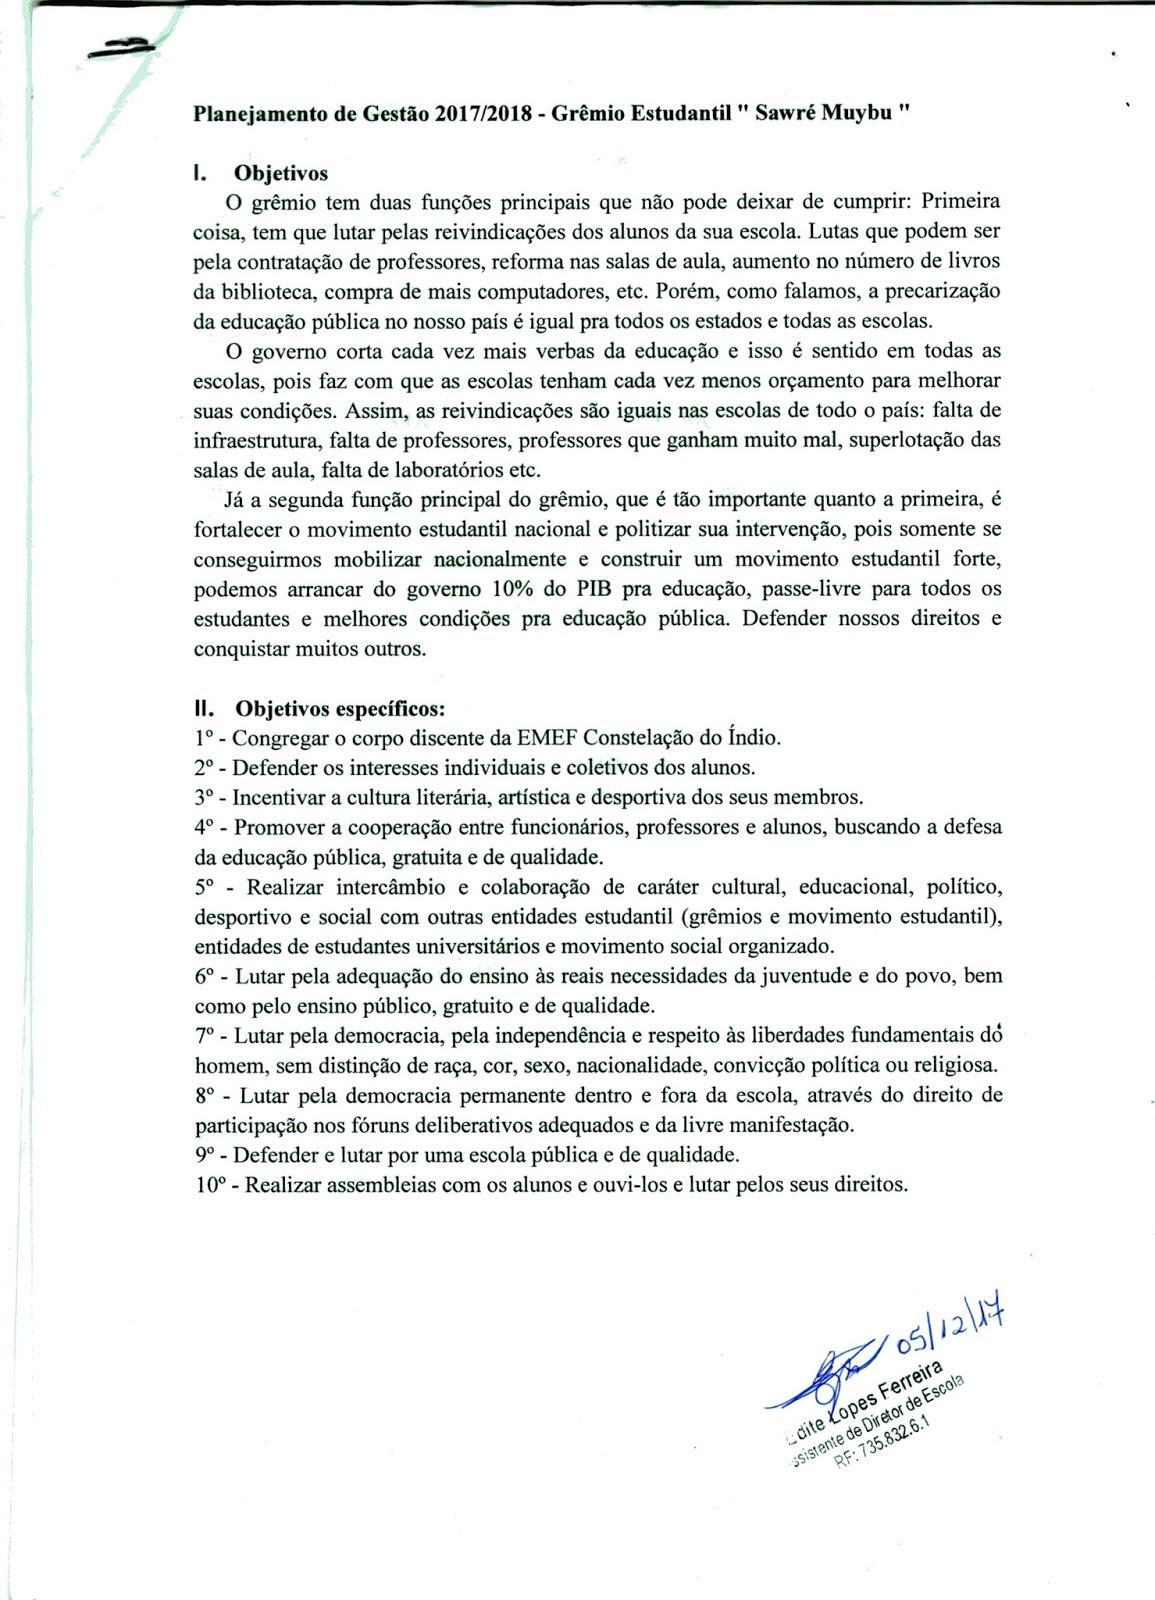 60ca23543 Membros do Grêmio Estudantil Protocolam o plano de Ação 2018 junto a gestão  da EMEF Constelação do Índio